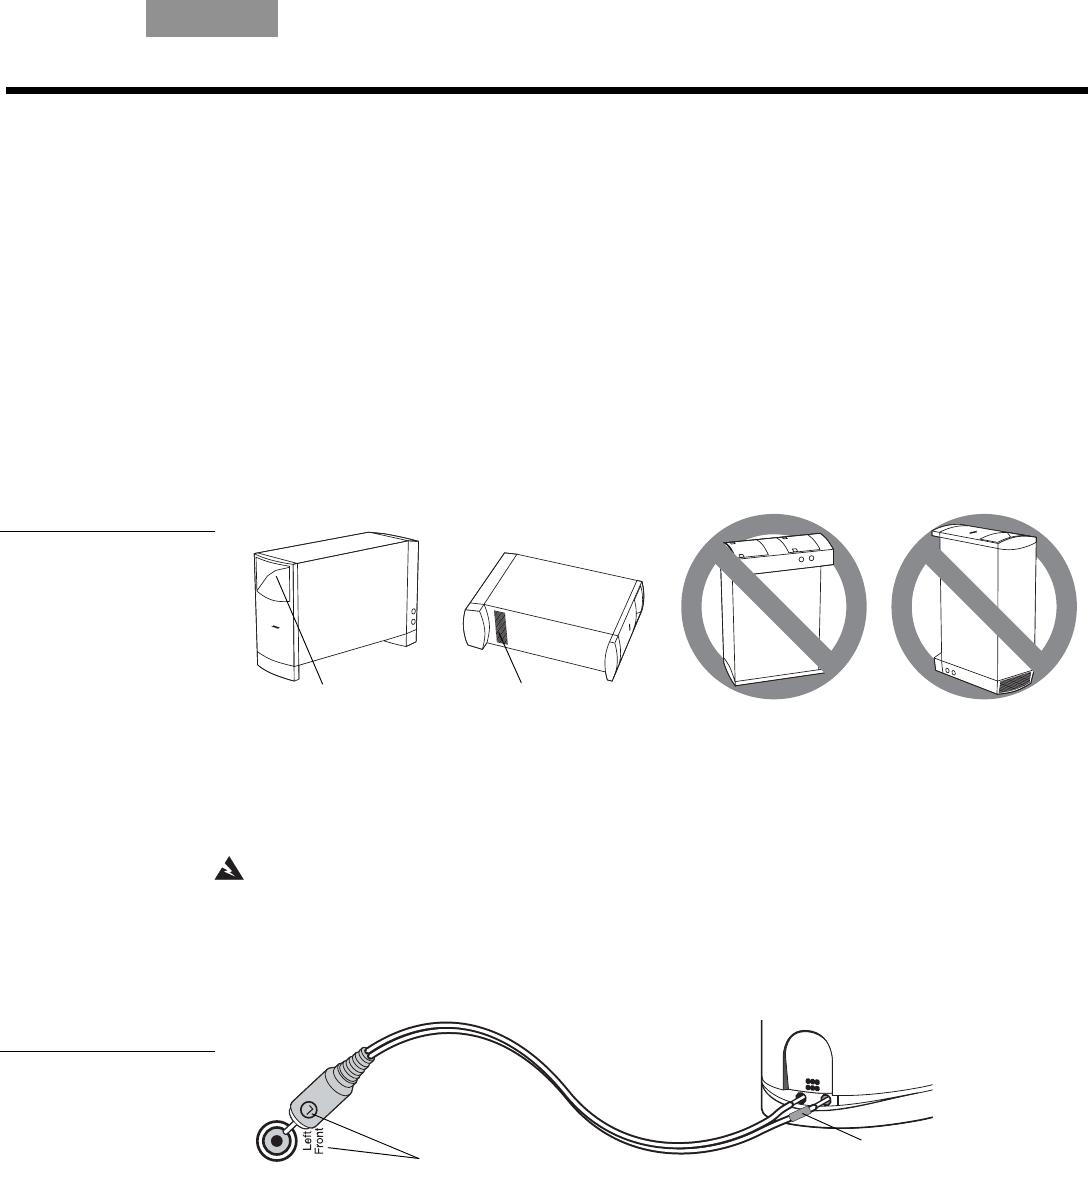 Bedienungsanleitung Bose Acoustimass 16 II (Seite 7 von 16) (Deutsch)